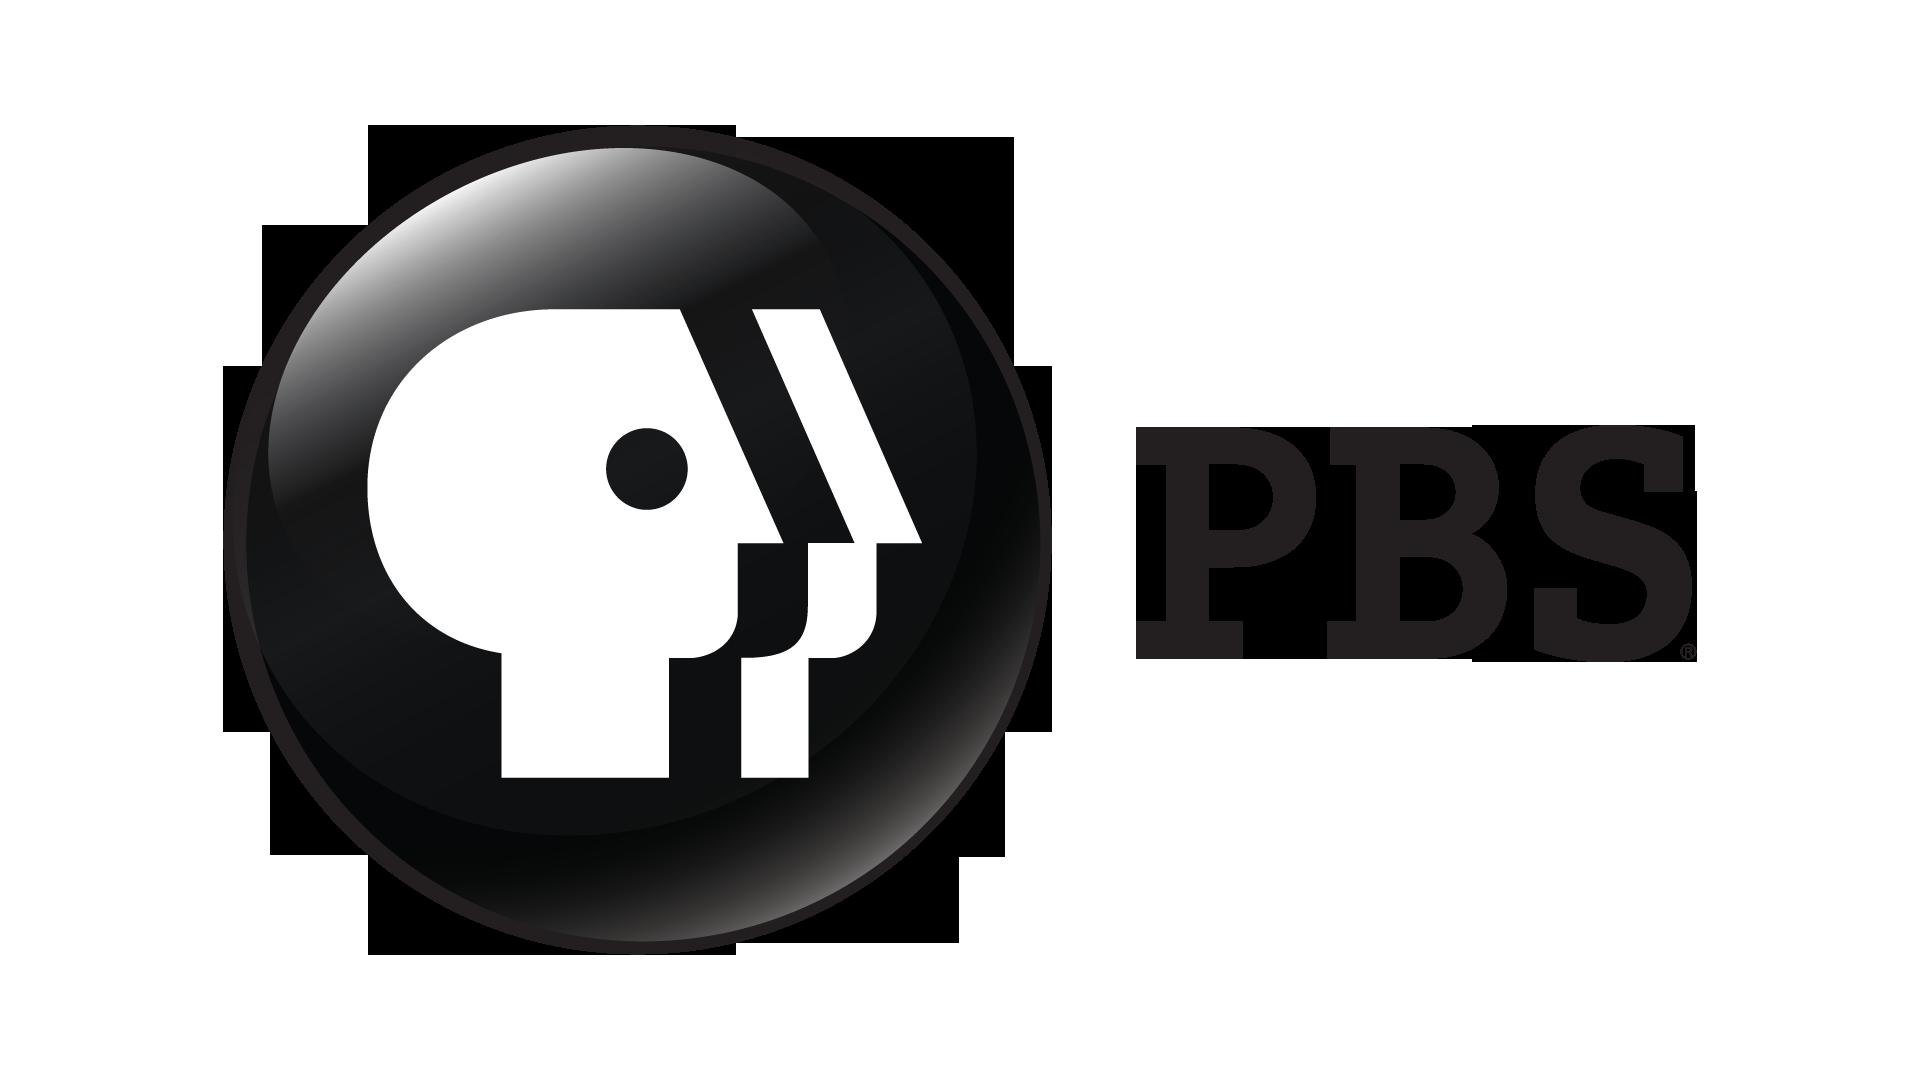 pbs cuts nonprofit